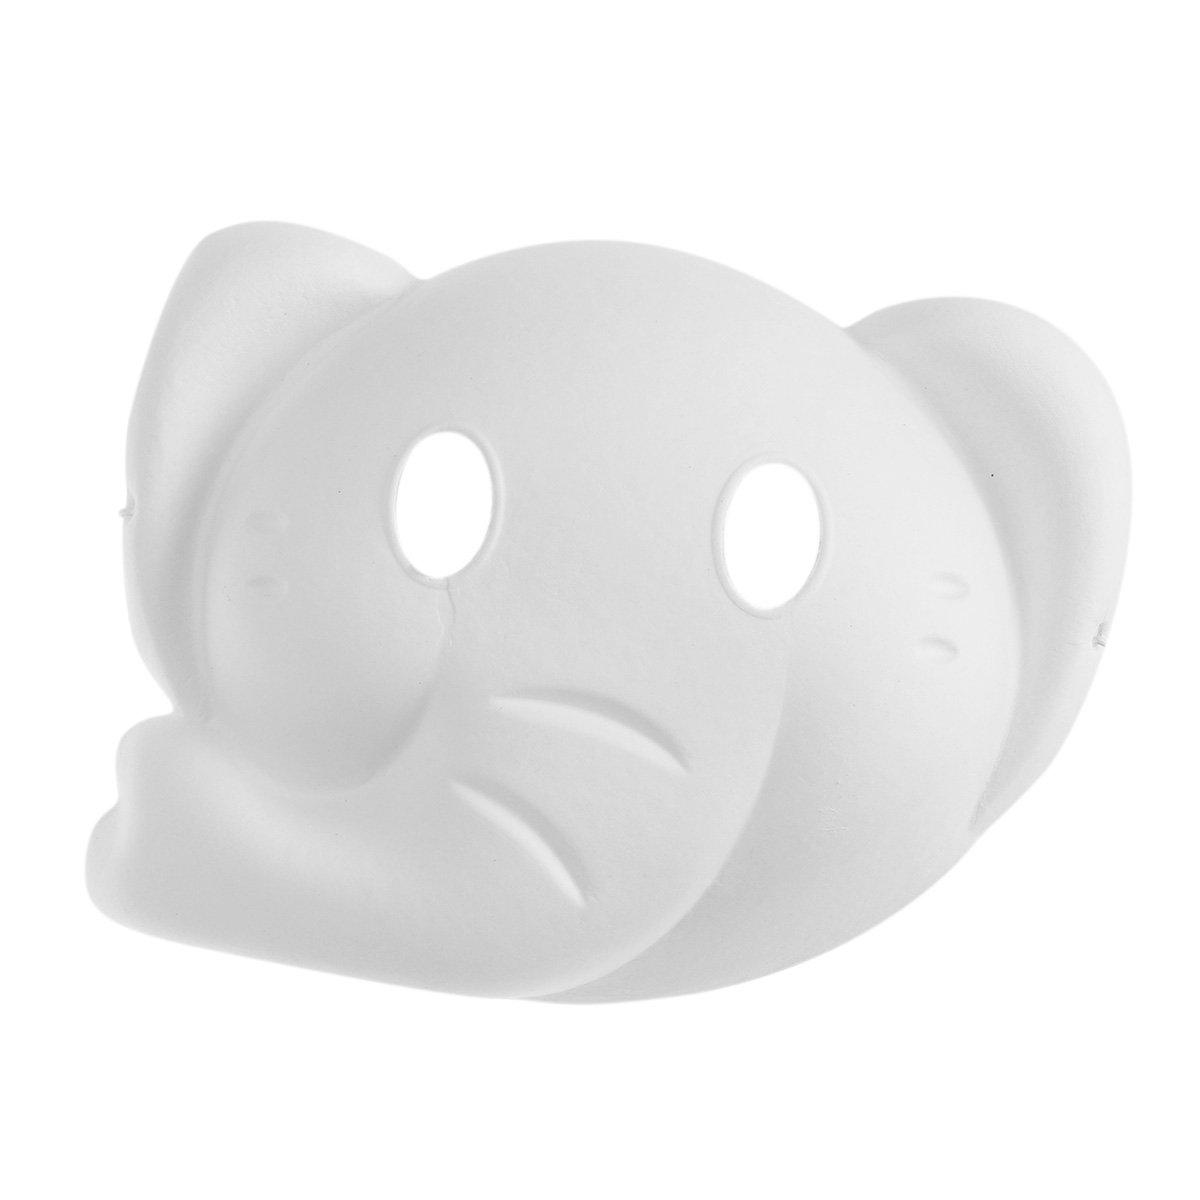 LUOEM Máscara de Elefante Pintura Máscara de Cara Completa Traje de Pulpa en Blanco Máscara Blanca para la Pintura DIY Disfraces de Halloween: Amazon.es: ...